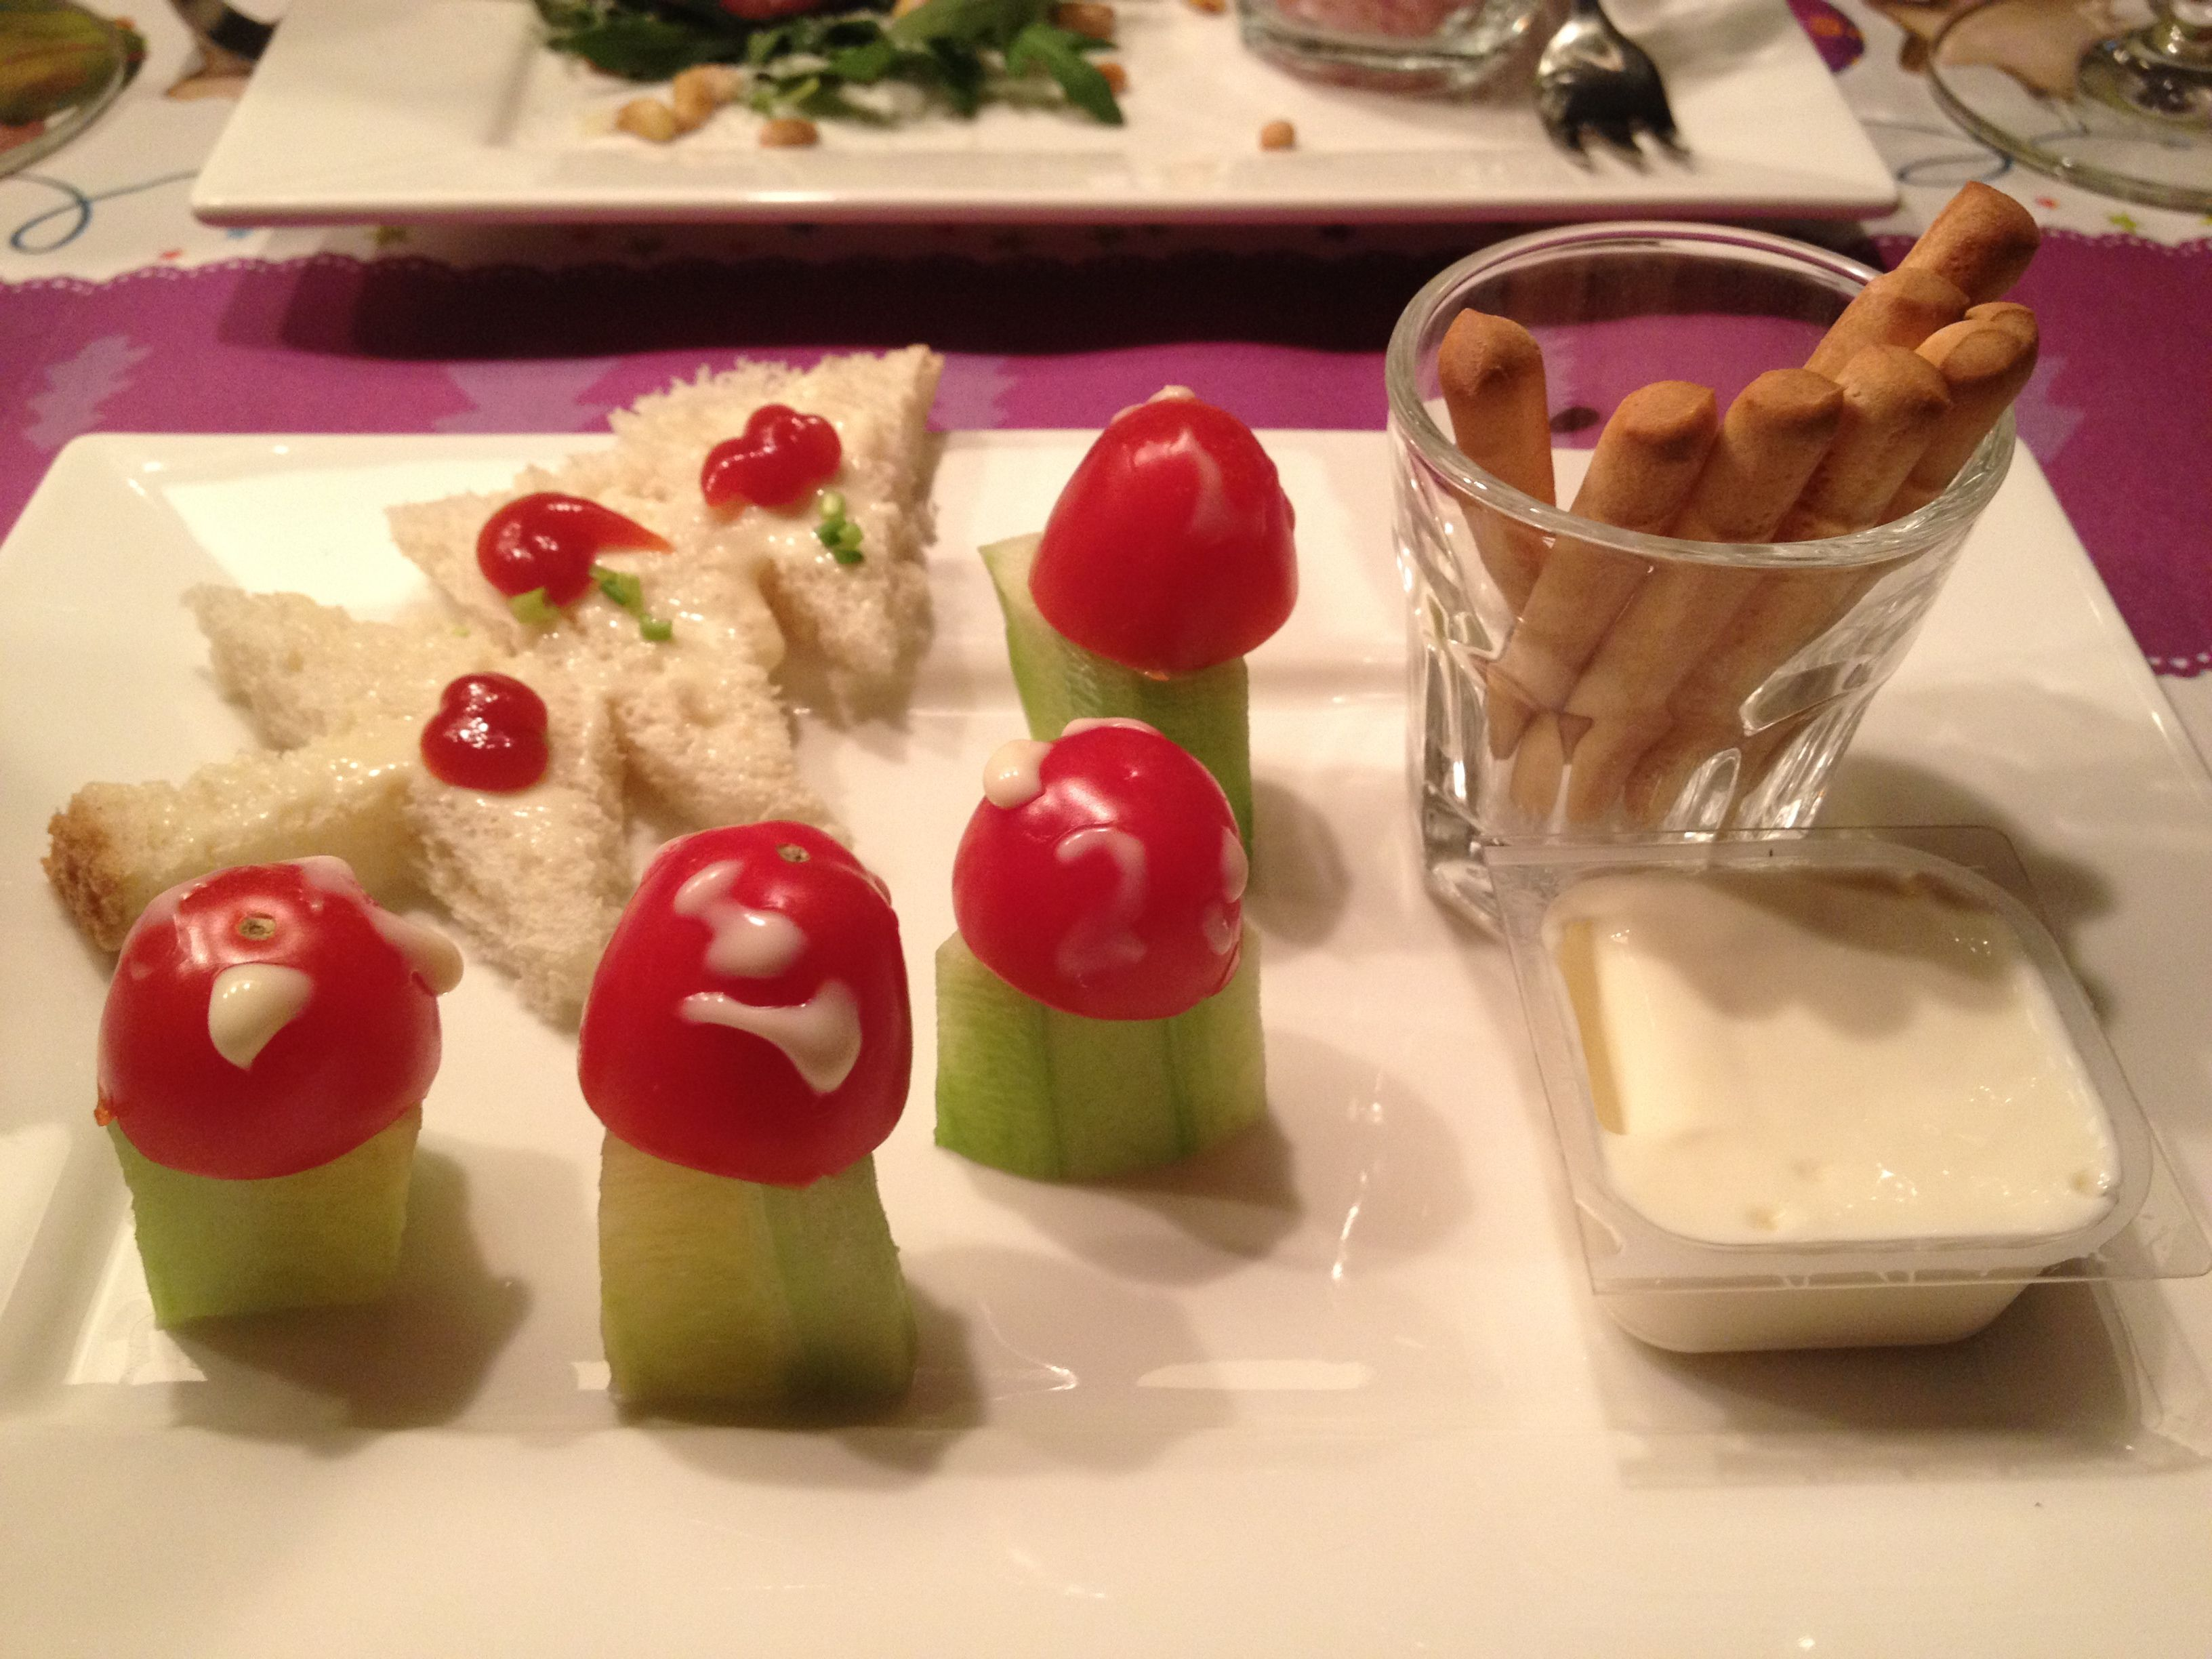 Kinder voorgerecht met kerst lekker eten dinner